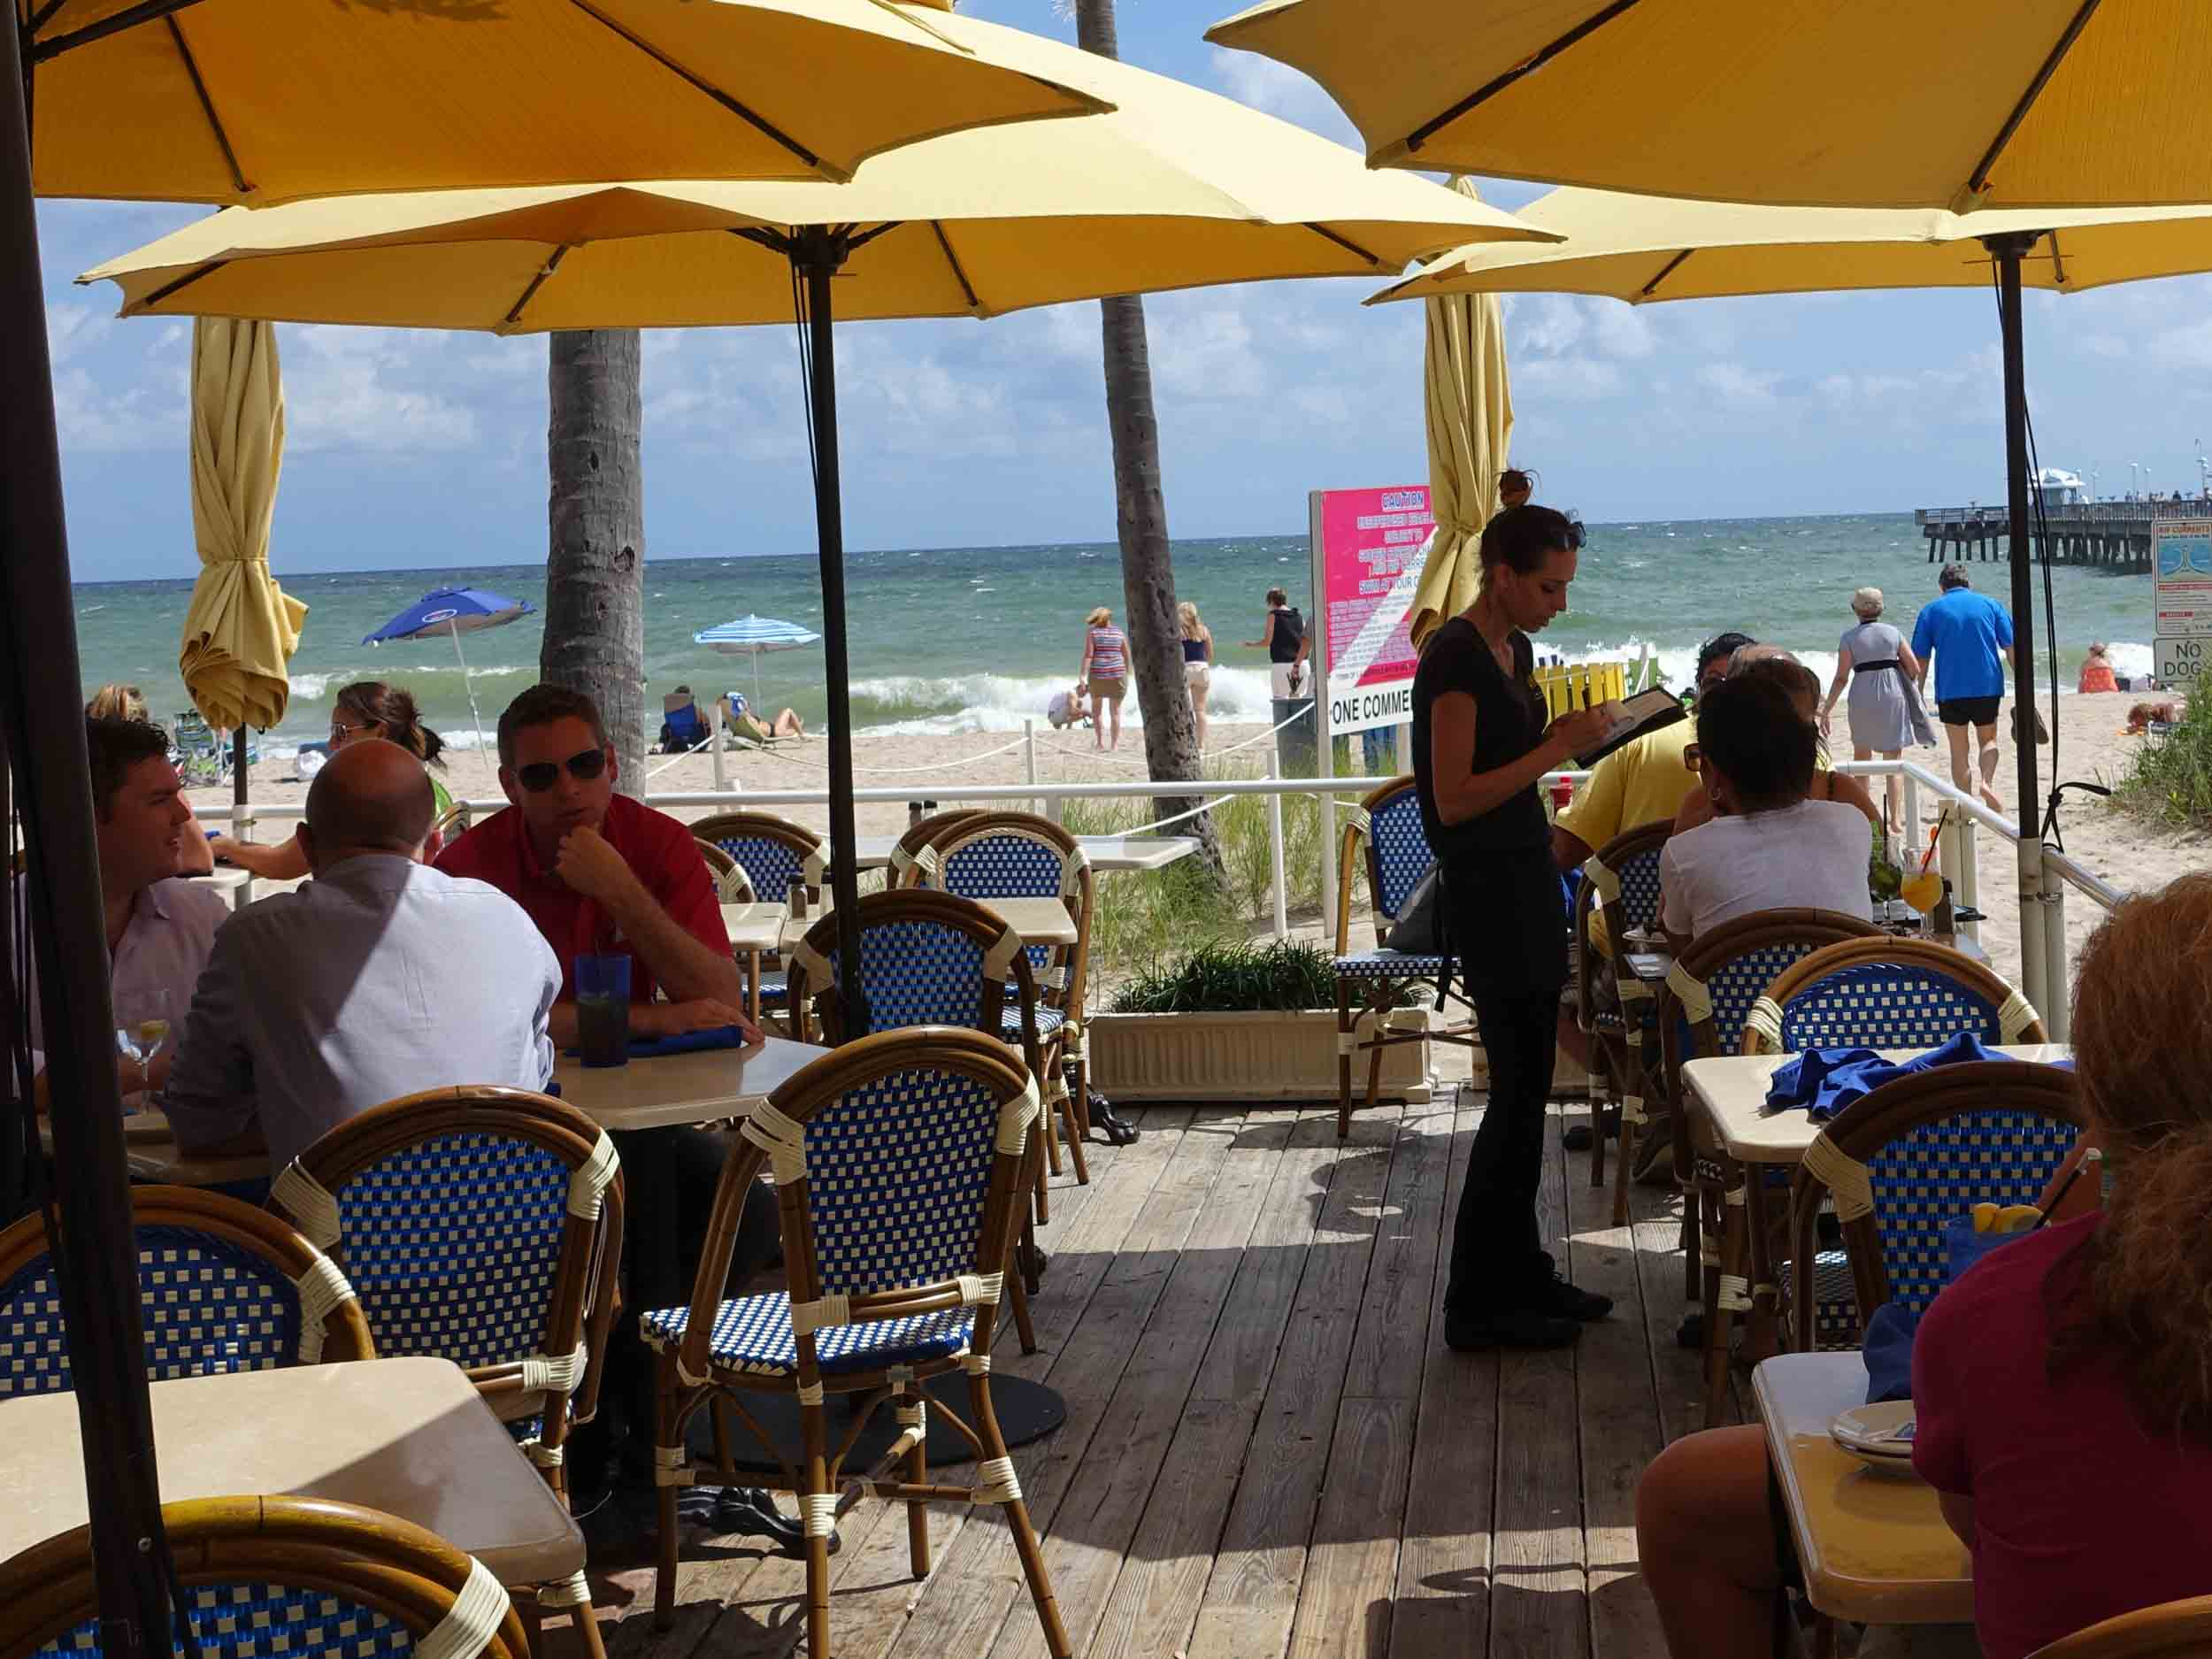 Aruba Beach Cafe Outdoor Dining Area